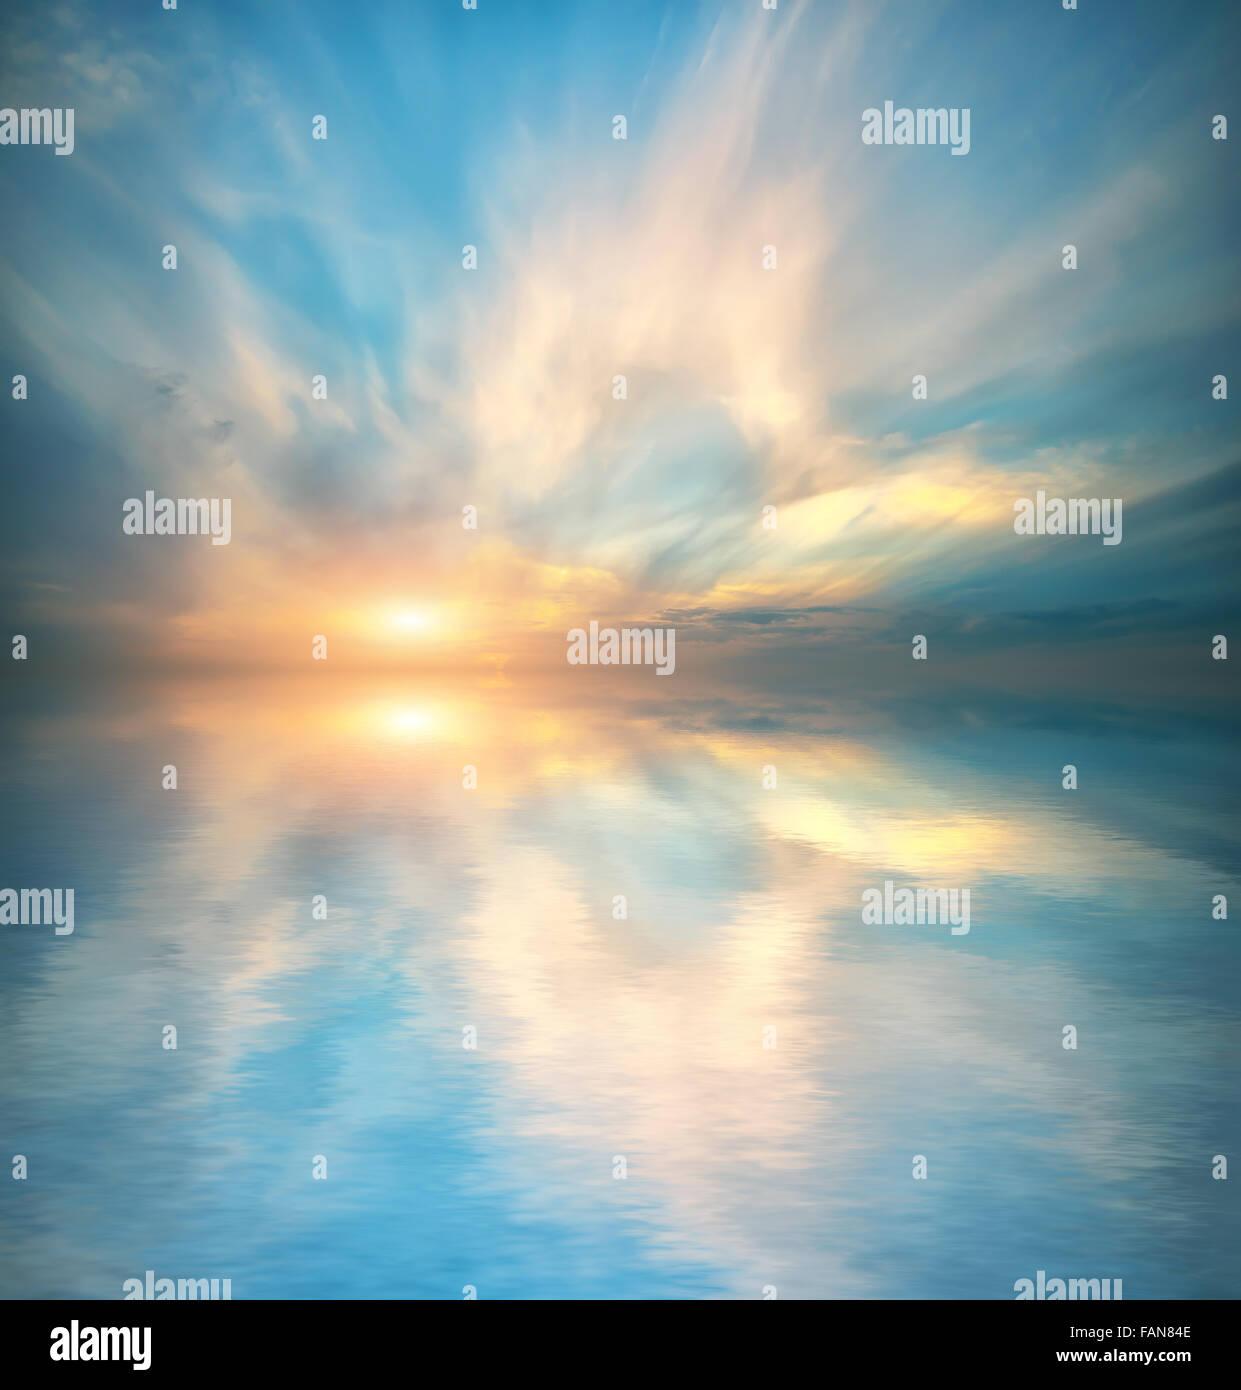 Fond de Ciel. Composition de la nature. Banque D'Images